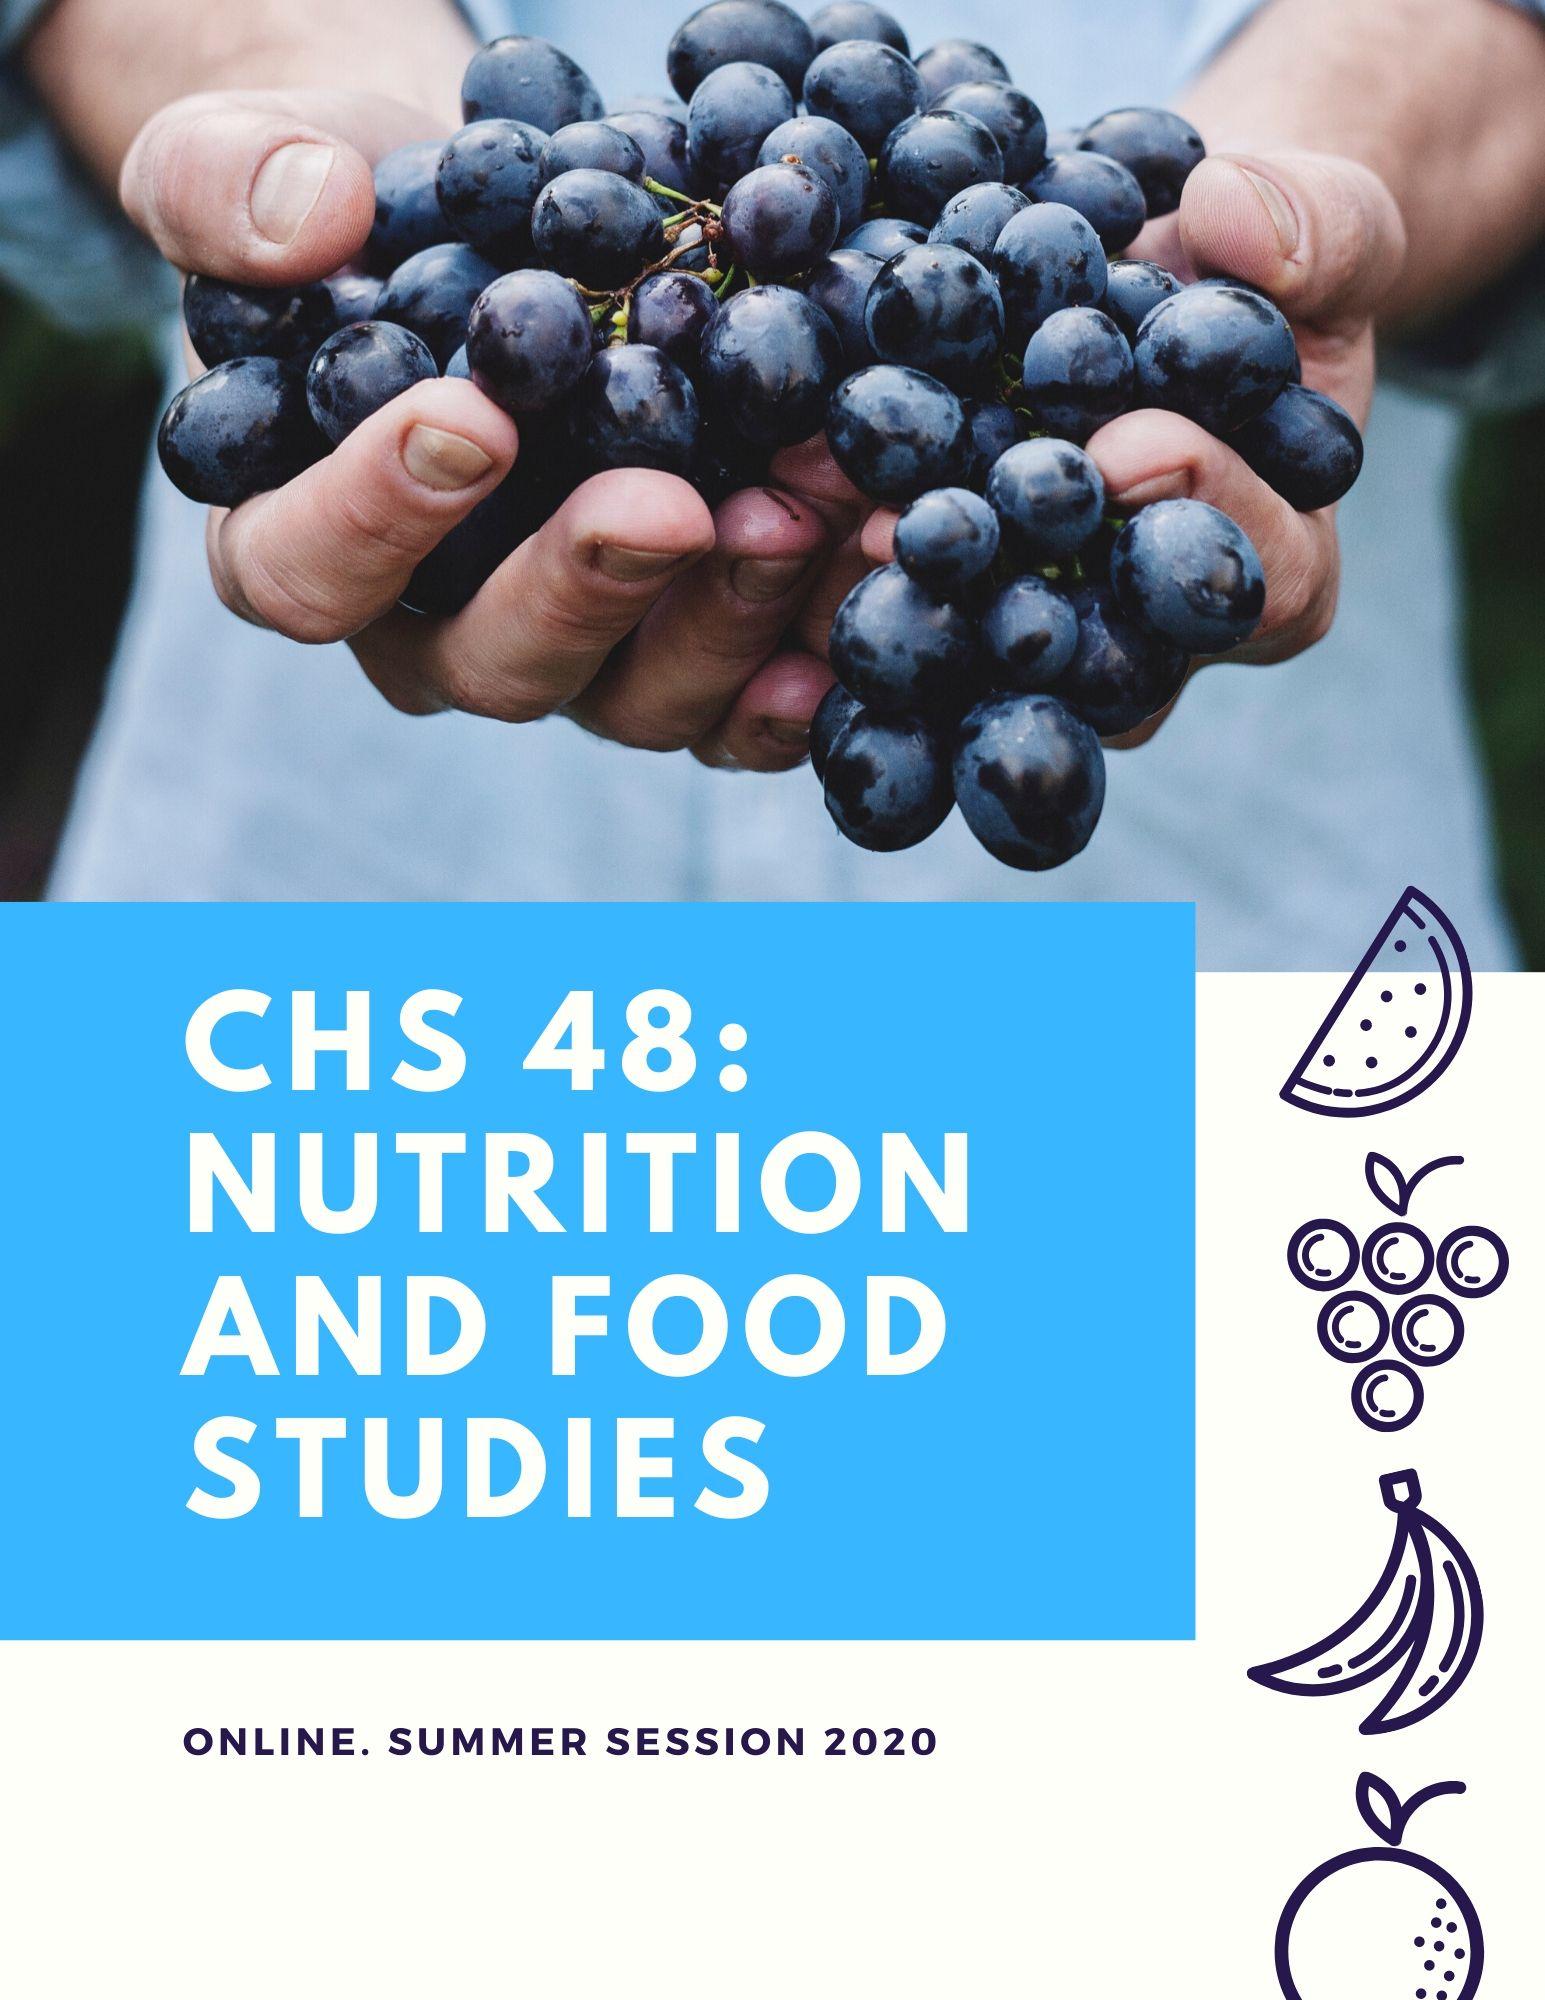 CHS48